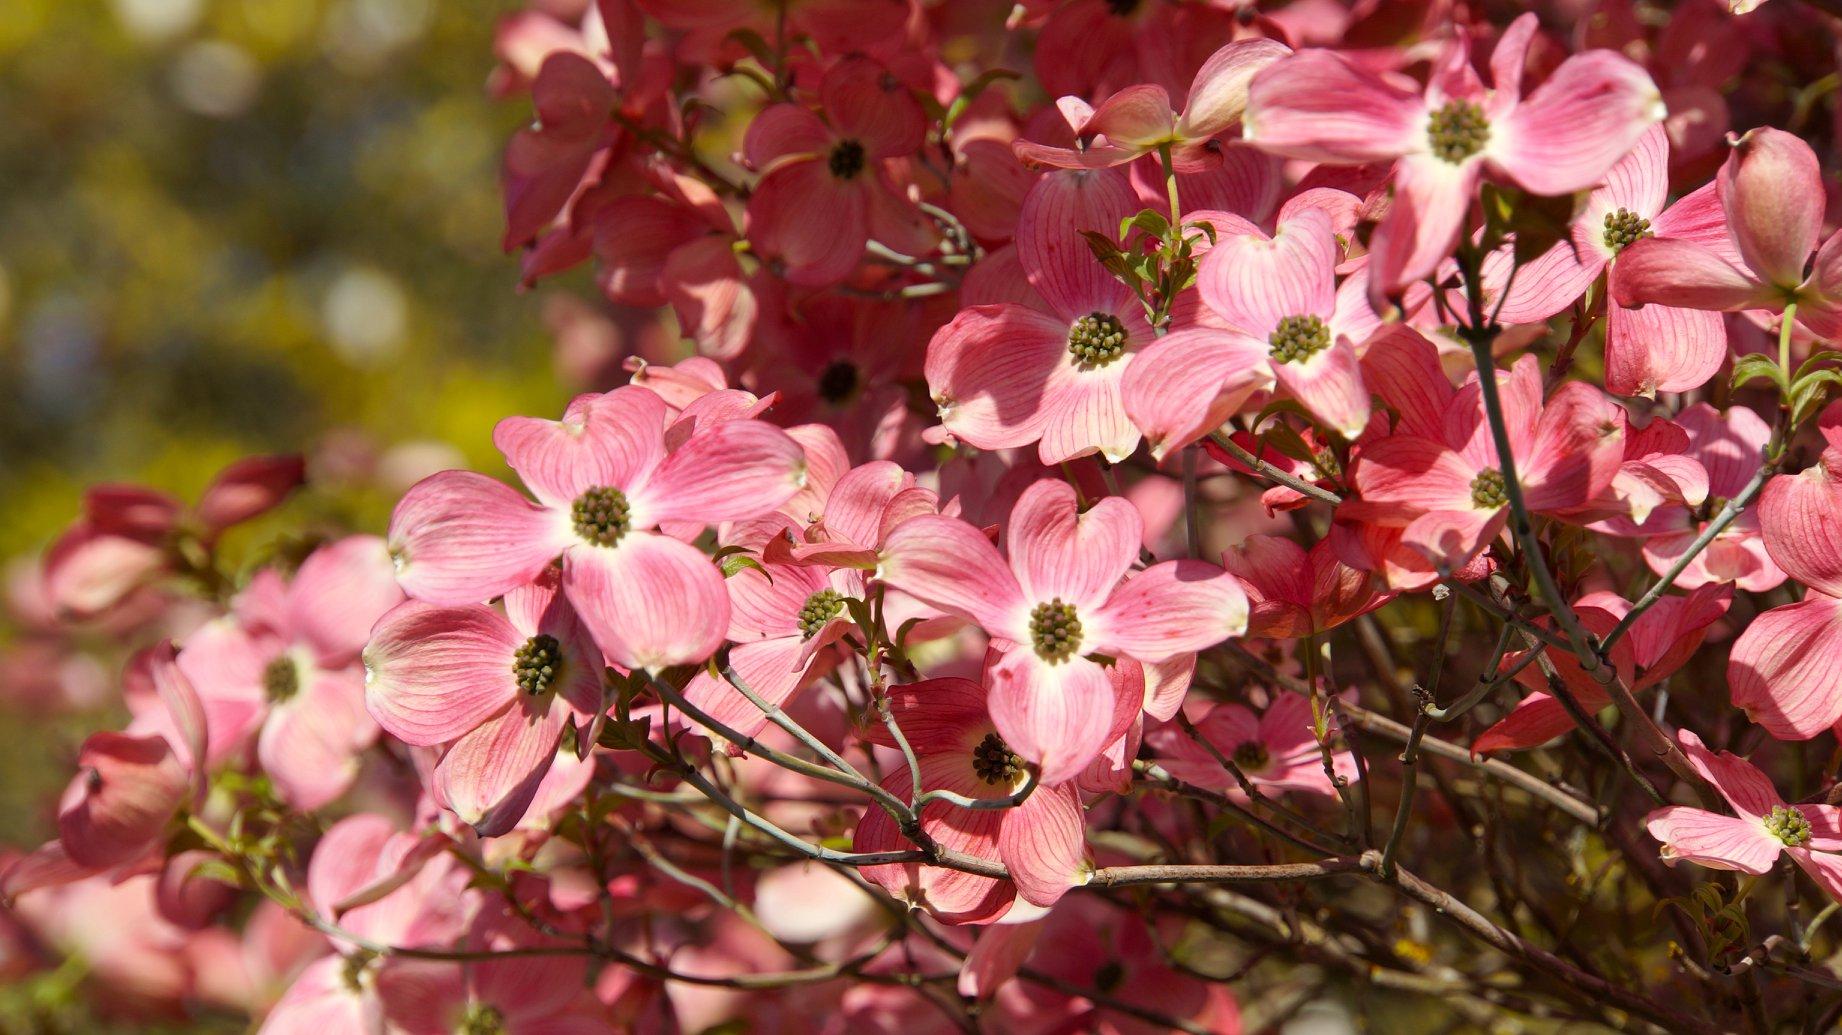 美東大花山茱萸 / 佛羅里達大花山茱萸 Cornus florida  / Flowering dogwood